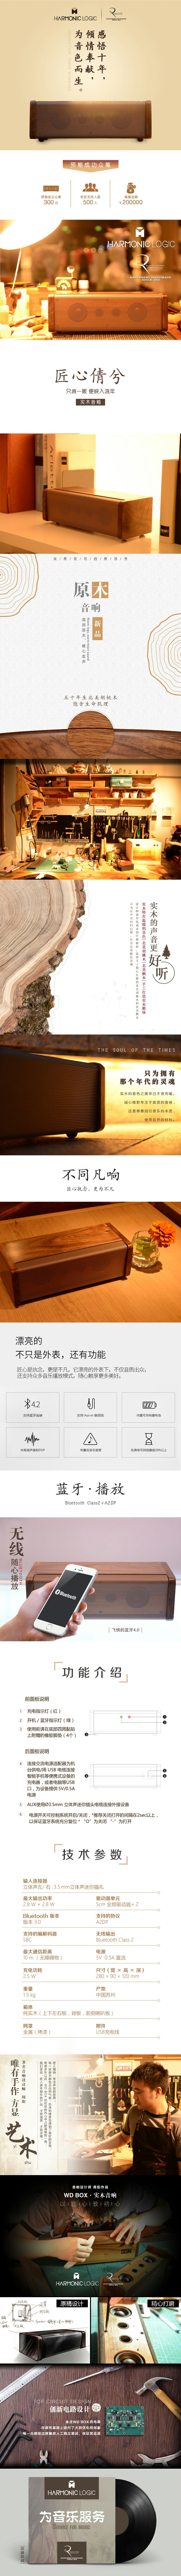 元ヤマハ社員が制作したBT木製スピーカー